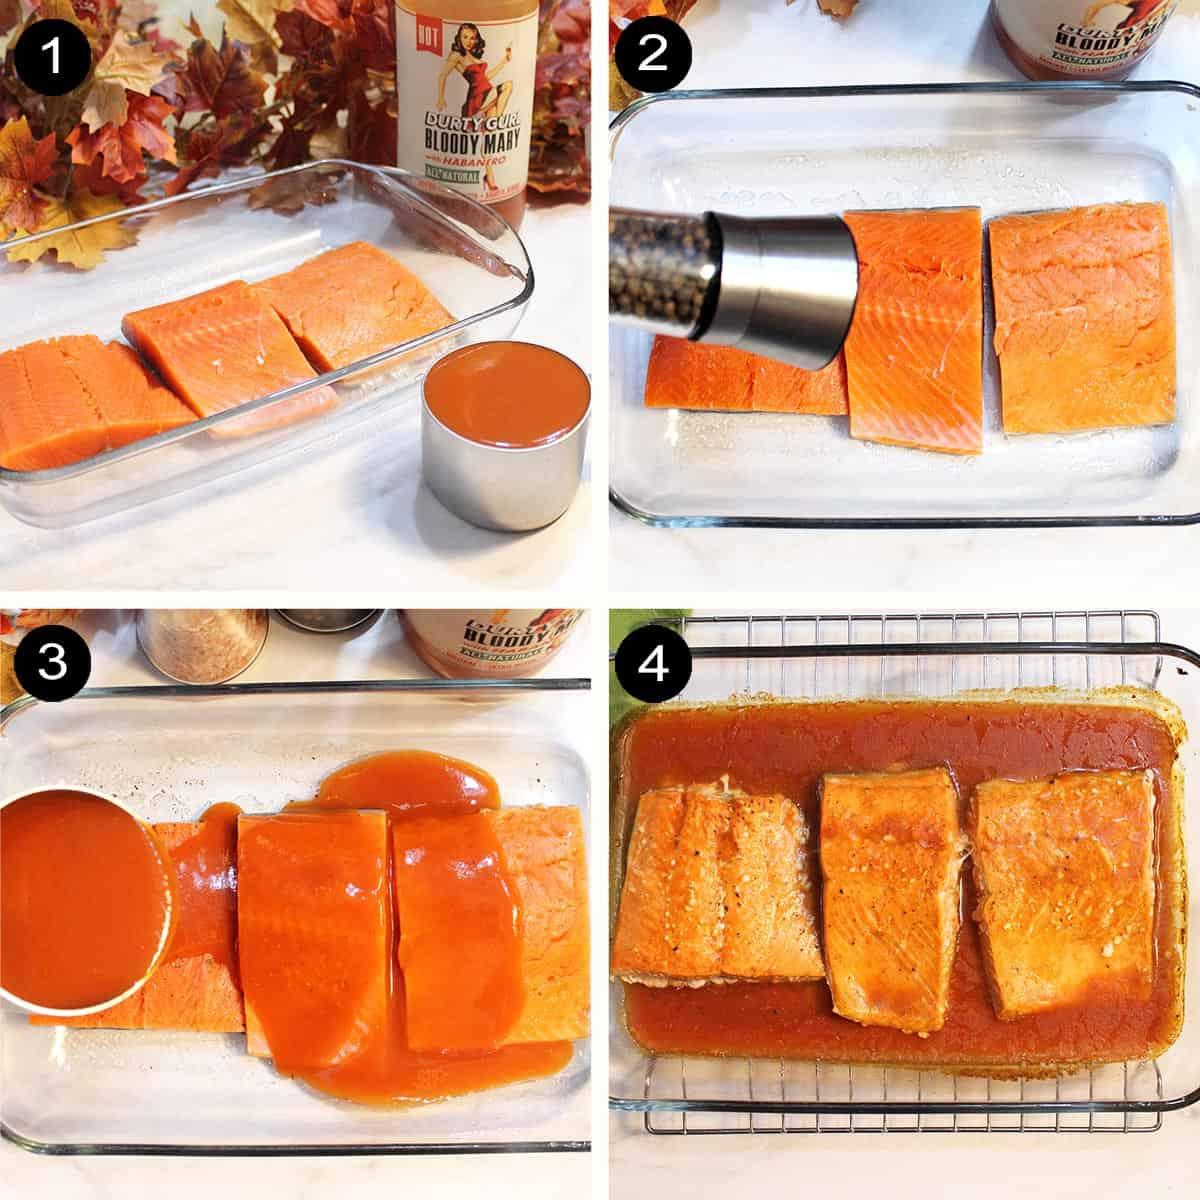 Simple steps to prepare salmon.